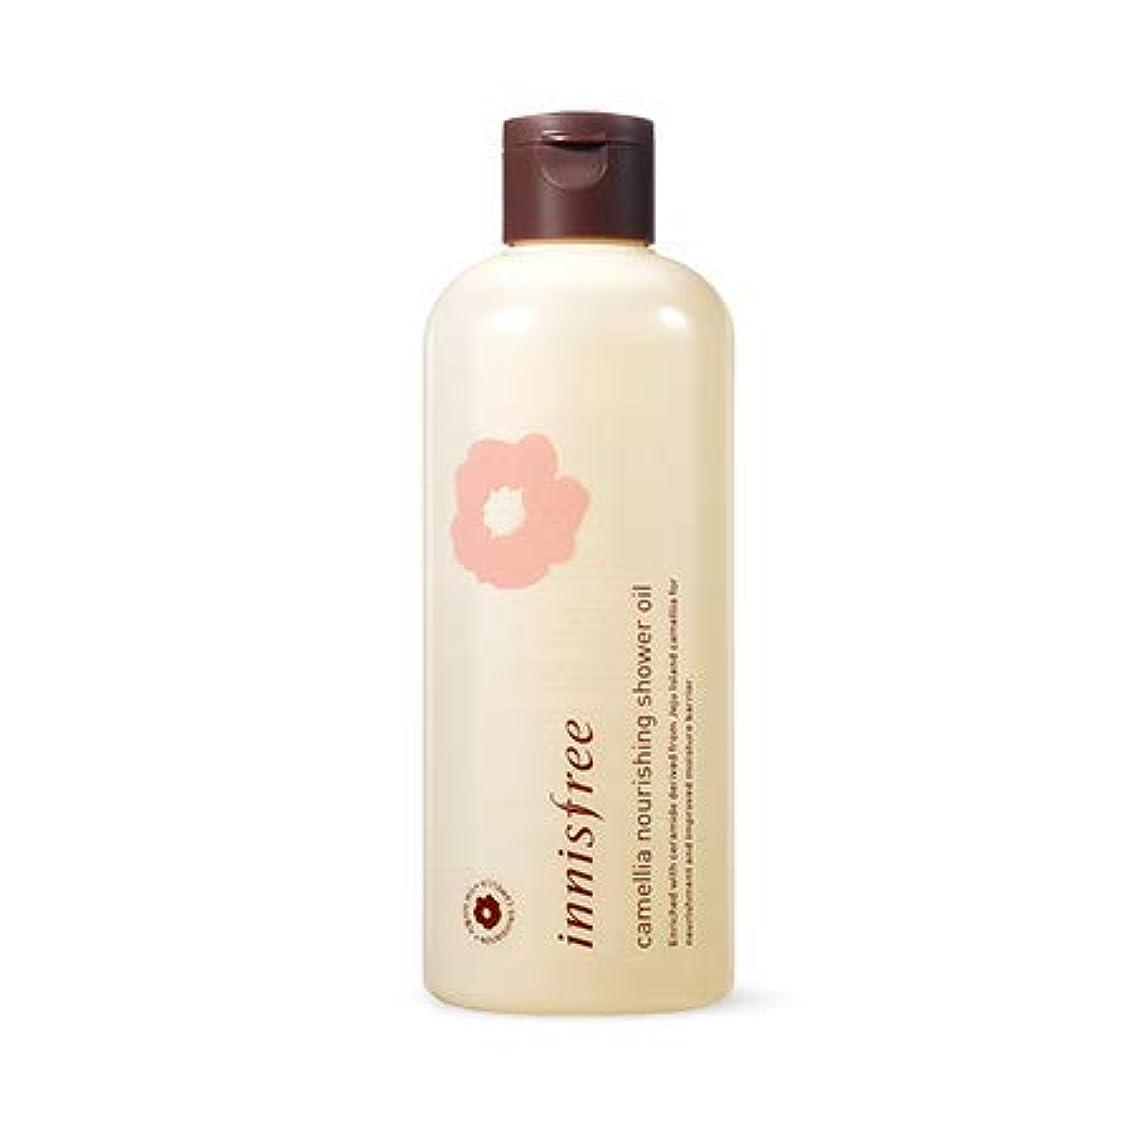 約タウポ湖チャーム[イニスフリー.innisfree]カメリアナリーシンシャワーオイル300mL/ Camellia Nourishing Shower Oil